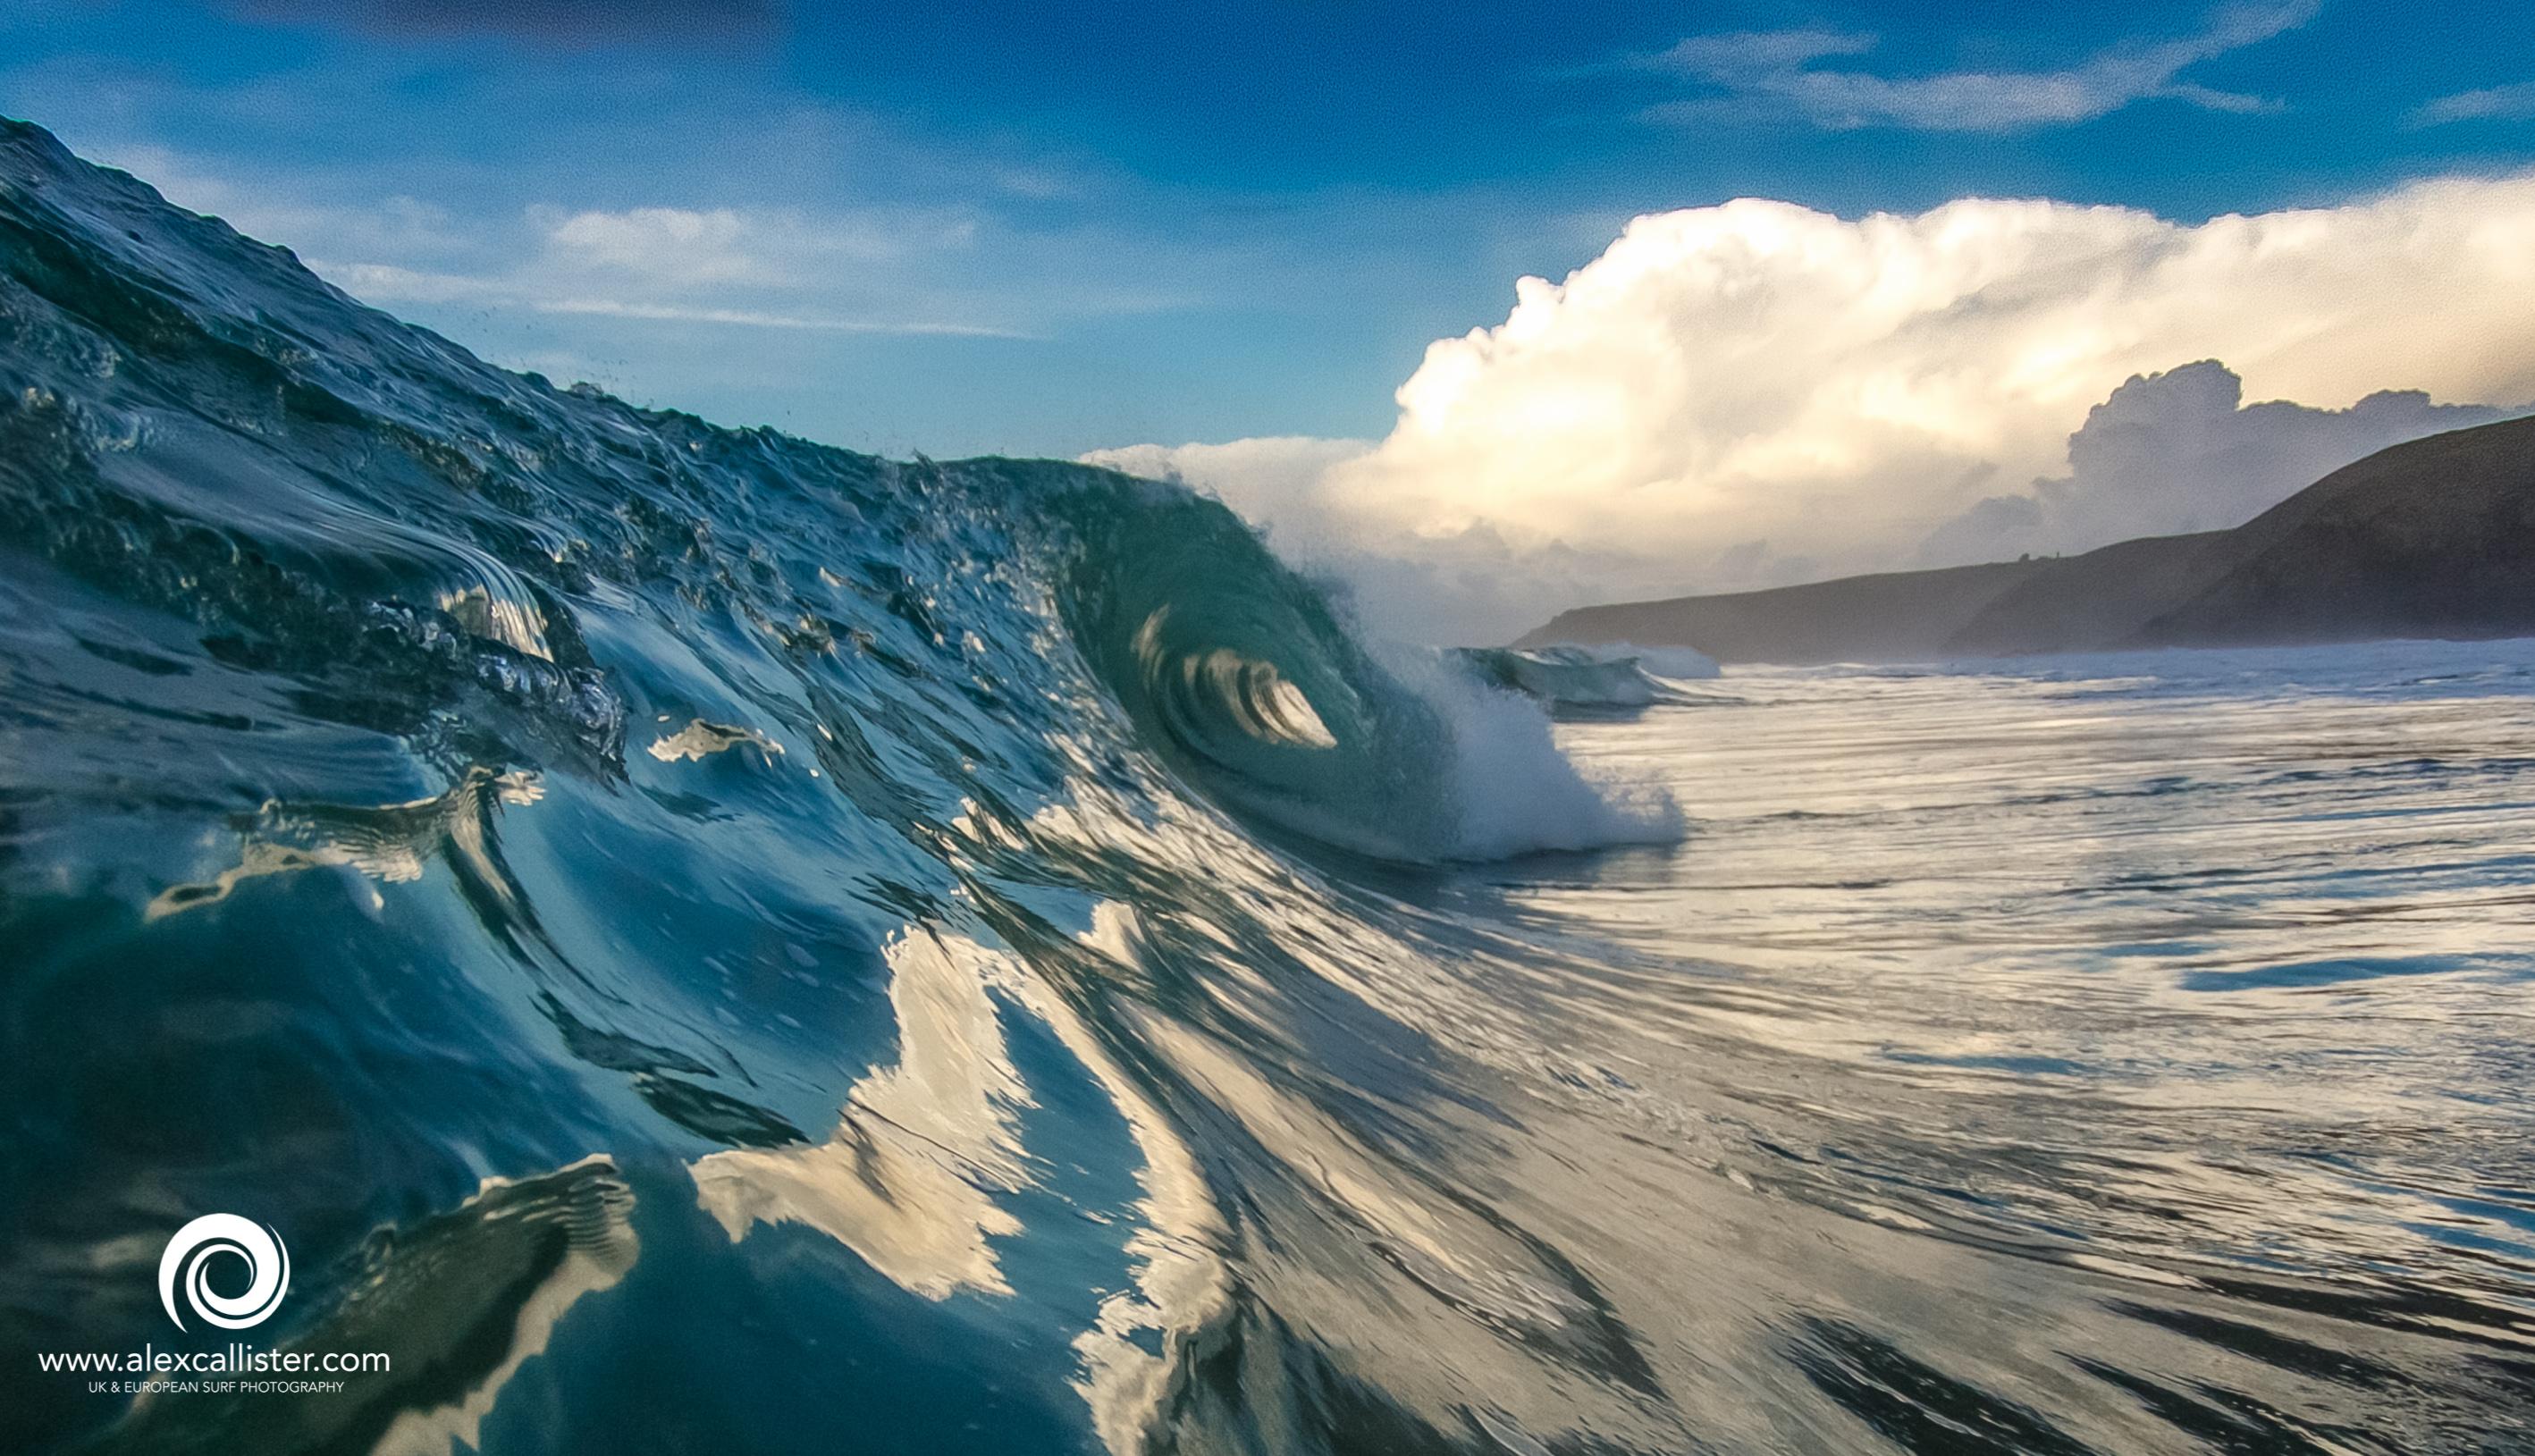 デスクトップ壁紙 海洋 光 水 コーンウォール チューブ バレル